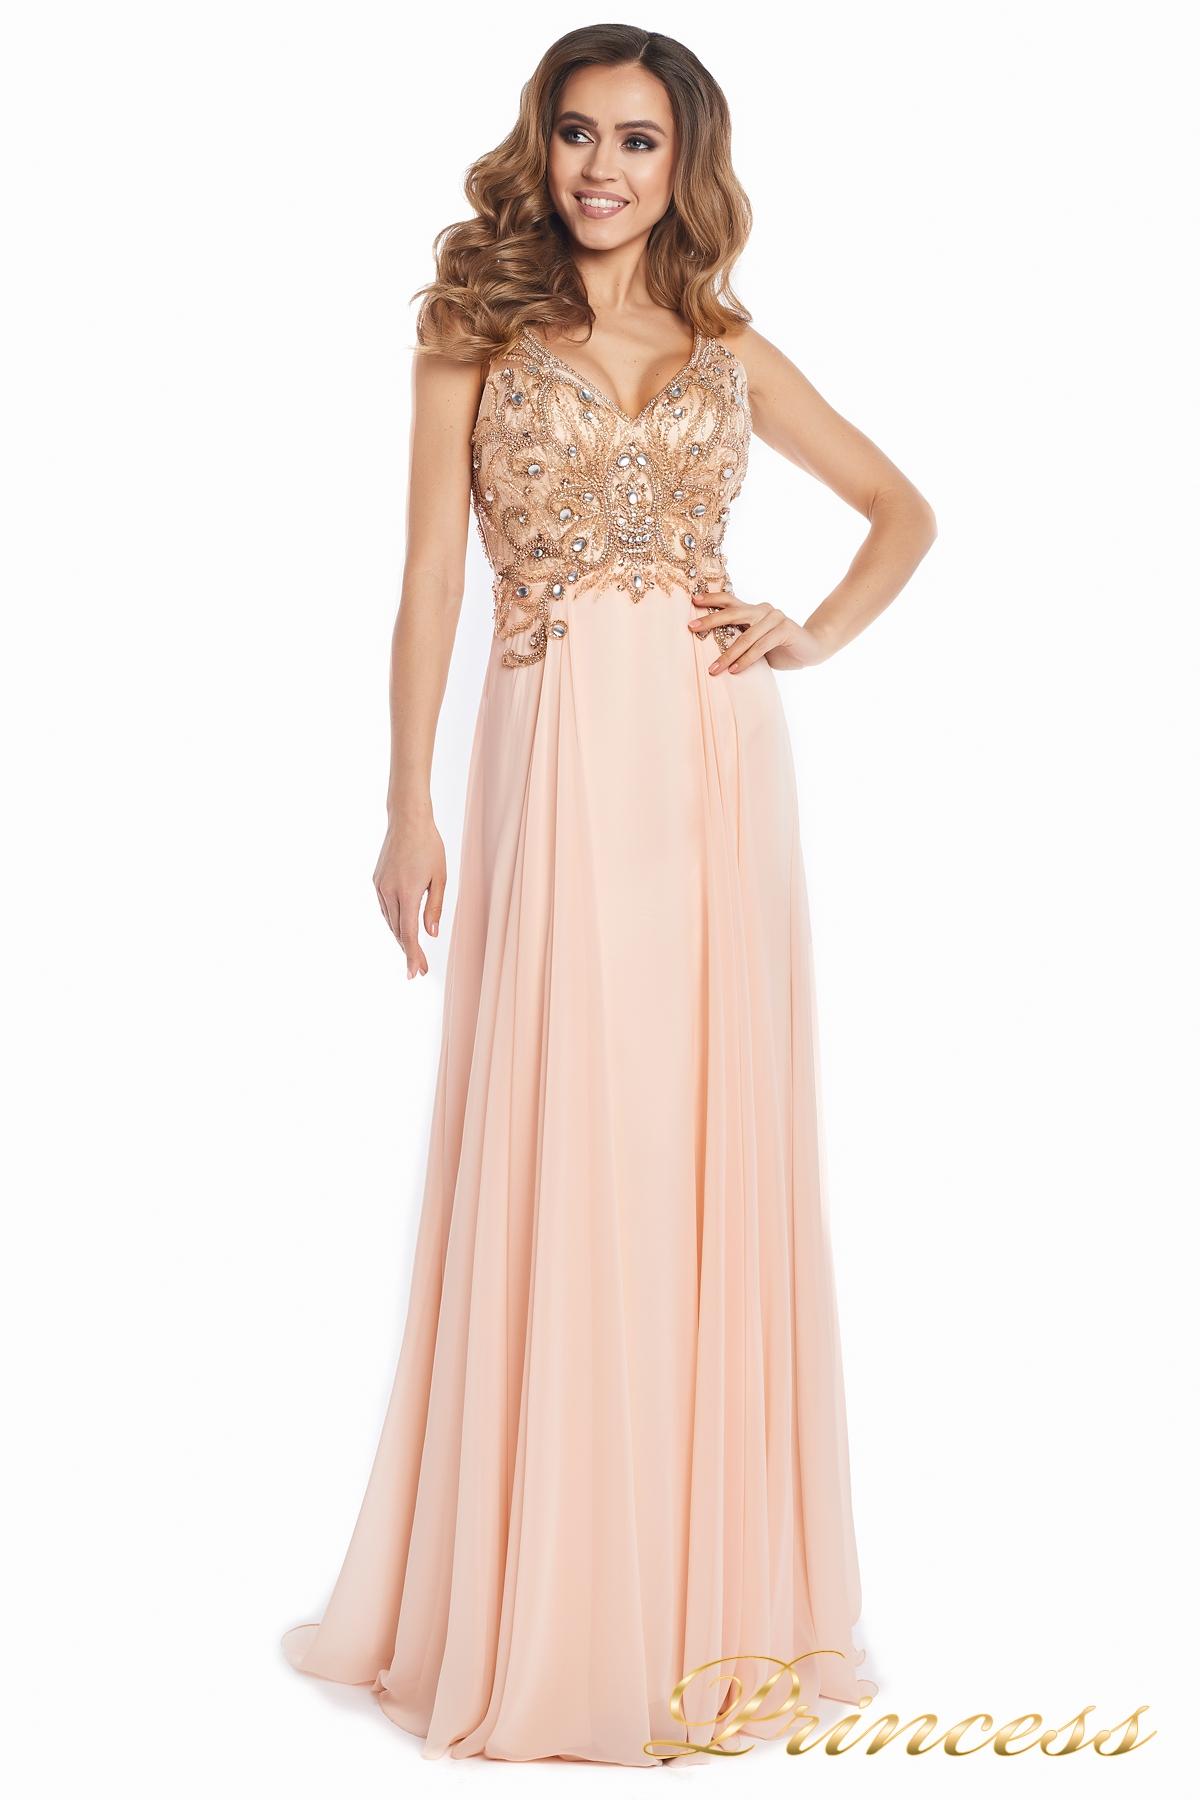 040f989dbf2 Купить вечернее платье 12068 розового цвета по цене 32000 руб. в ...